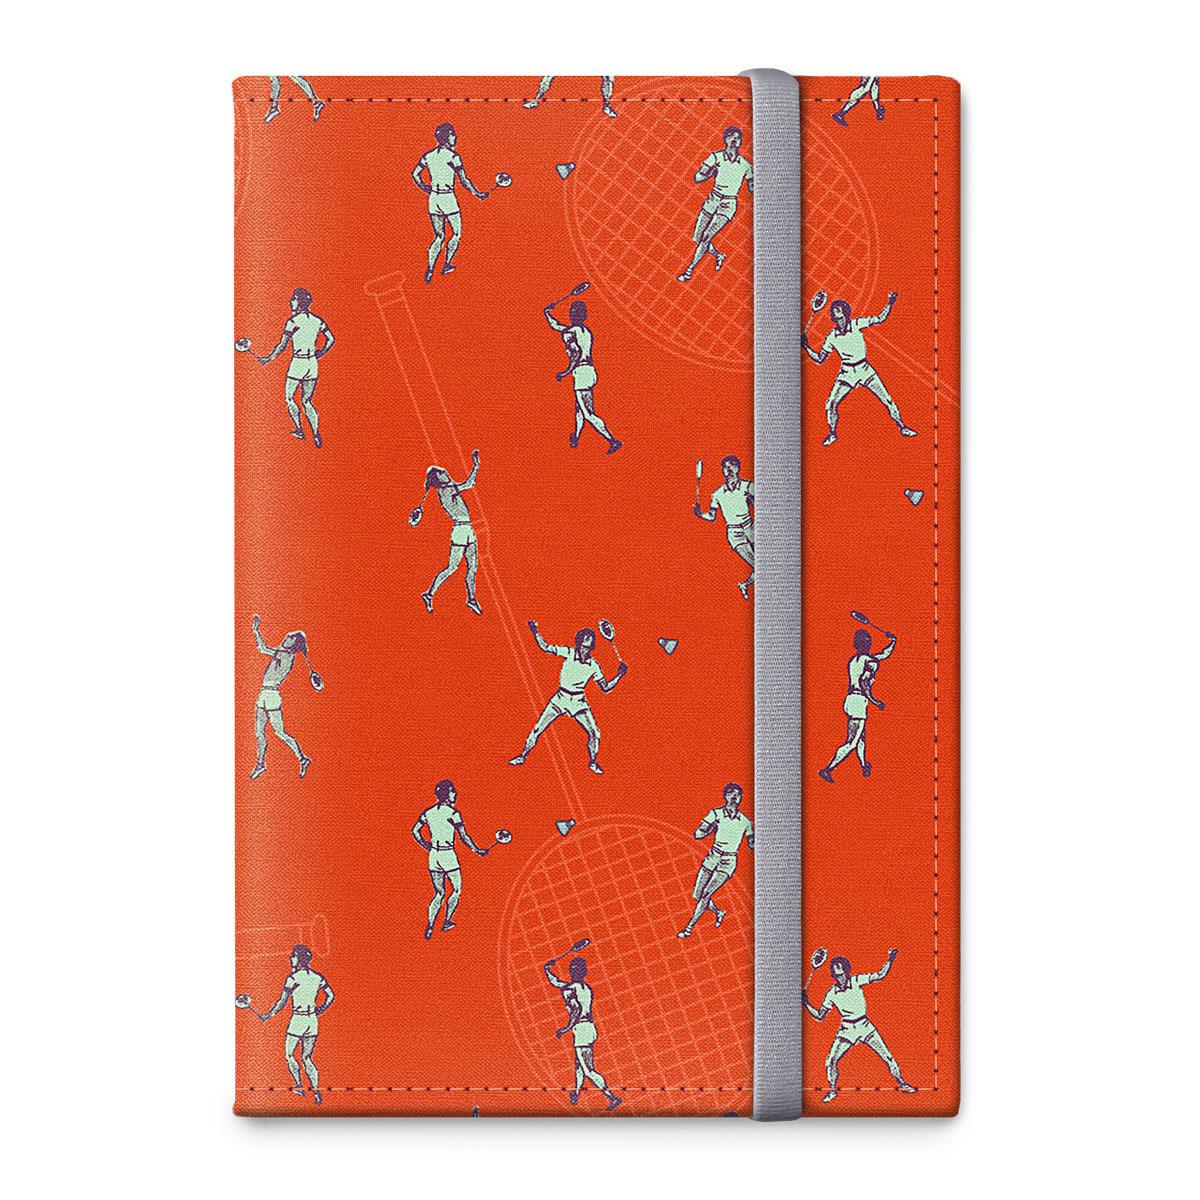 Обложка для паспорта ОРЗ-дизайн Бадминтон, цвет: оранжевый, оранжевый. Орз-0317Орз-0317Обложка на паспорт текстильная с авторским принтом